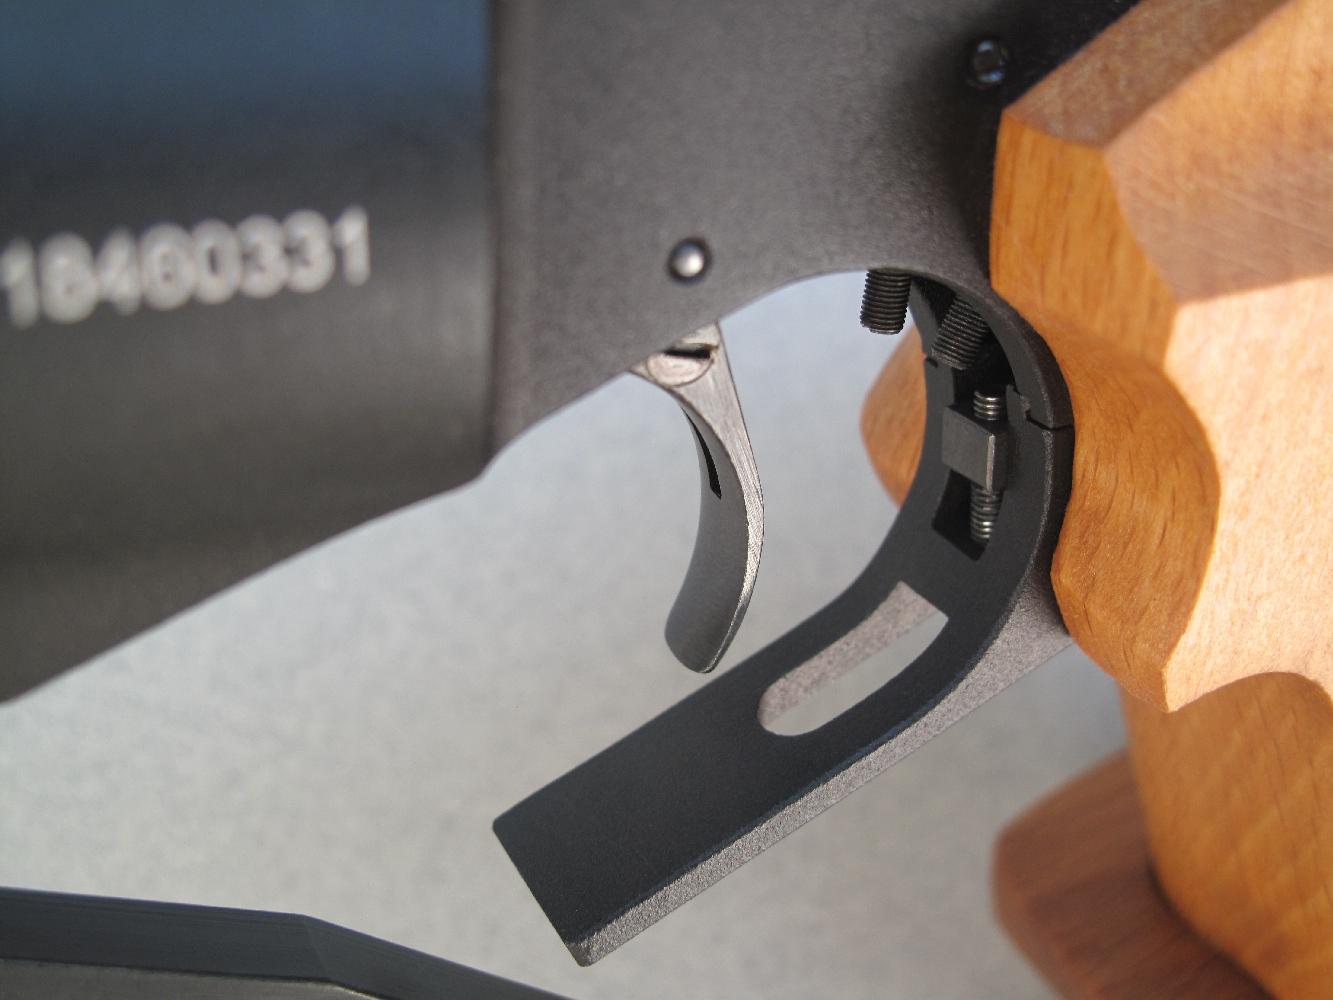 La vis située sur le côté gauche de la queue de détente permet de la bloquer sur le rail le long duquel elle coulisse.